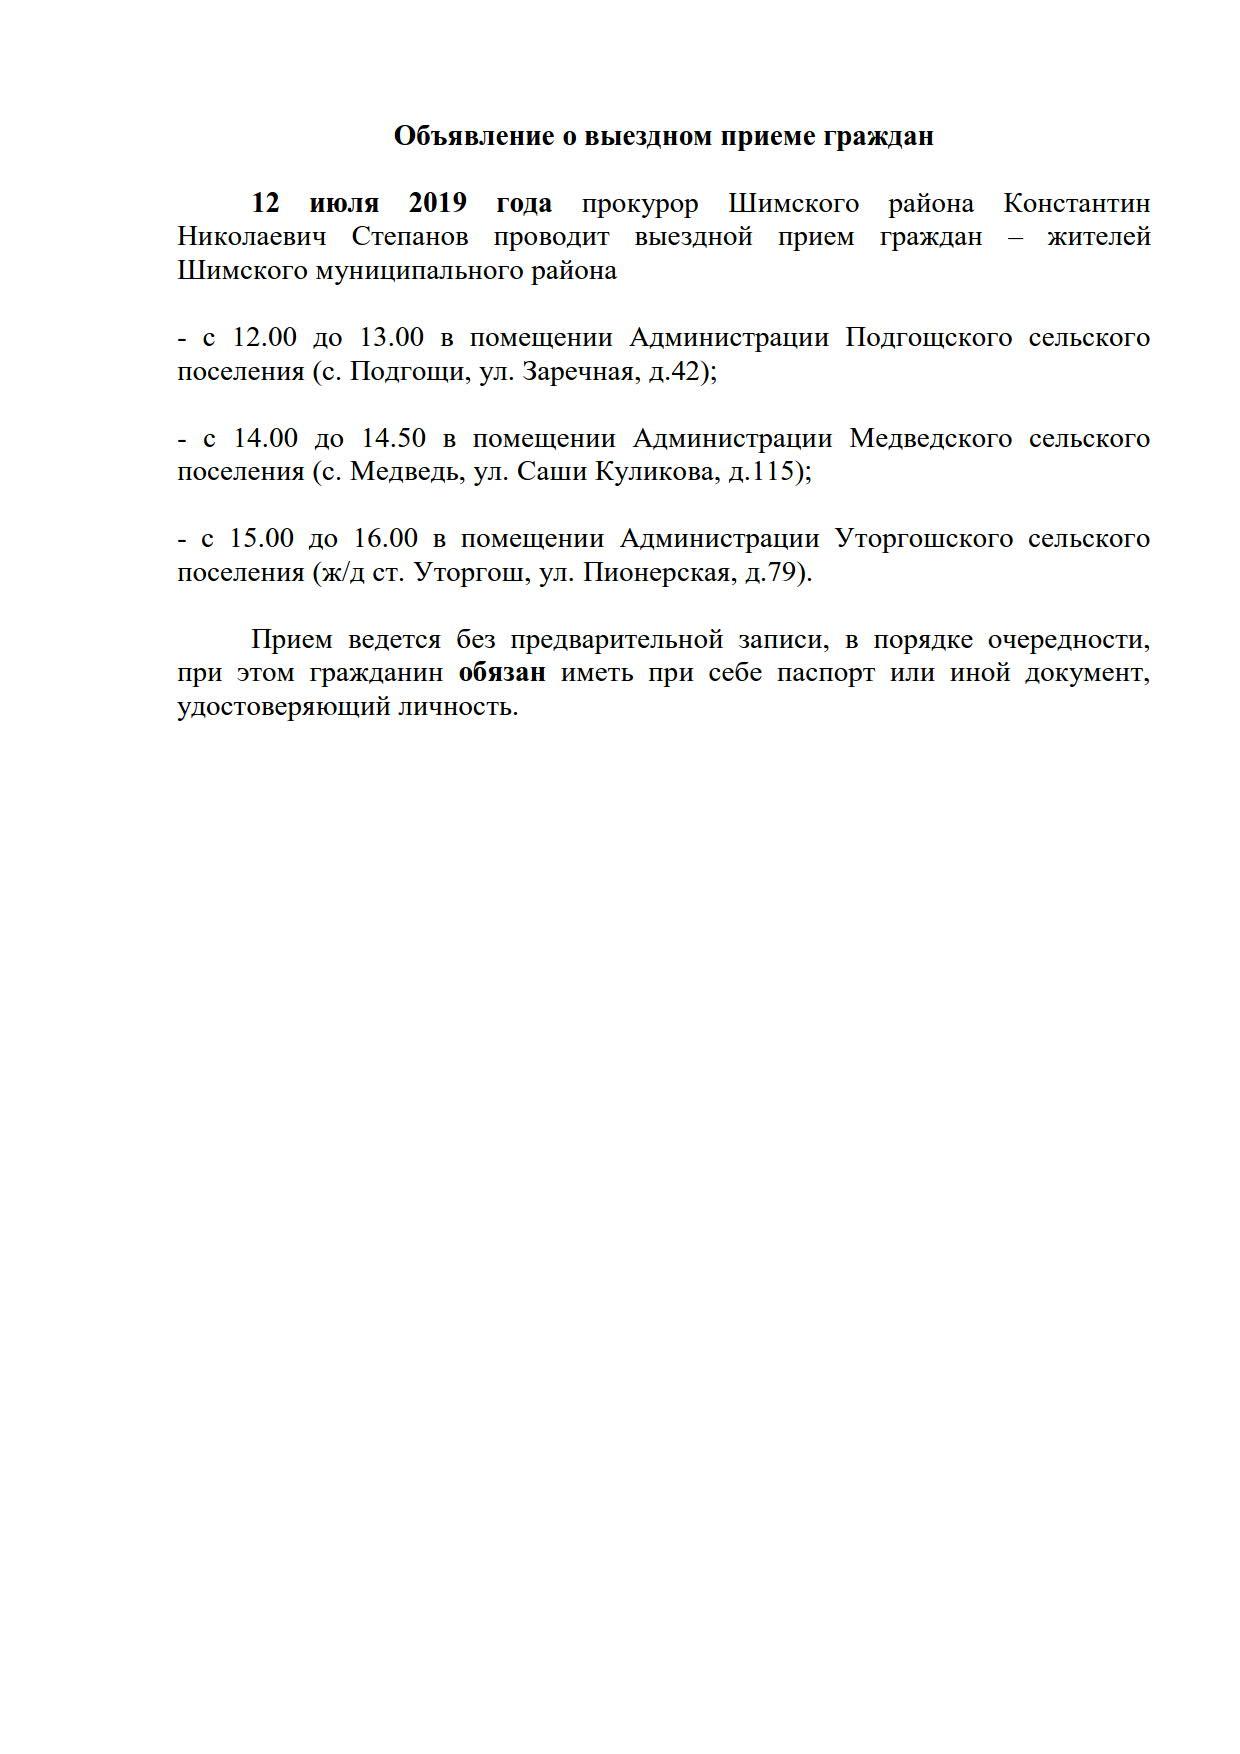 на сайт АДМ - выездной прием граждан 12.07.2019_1